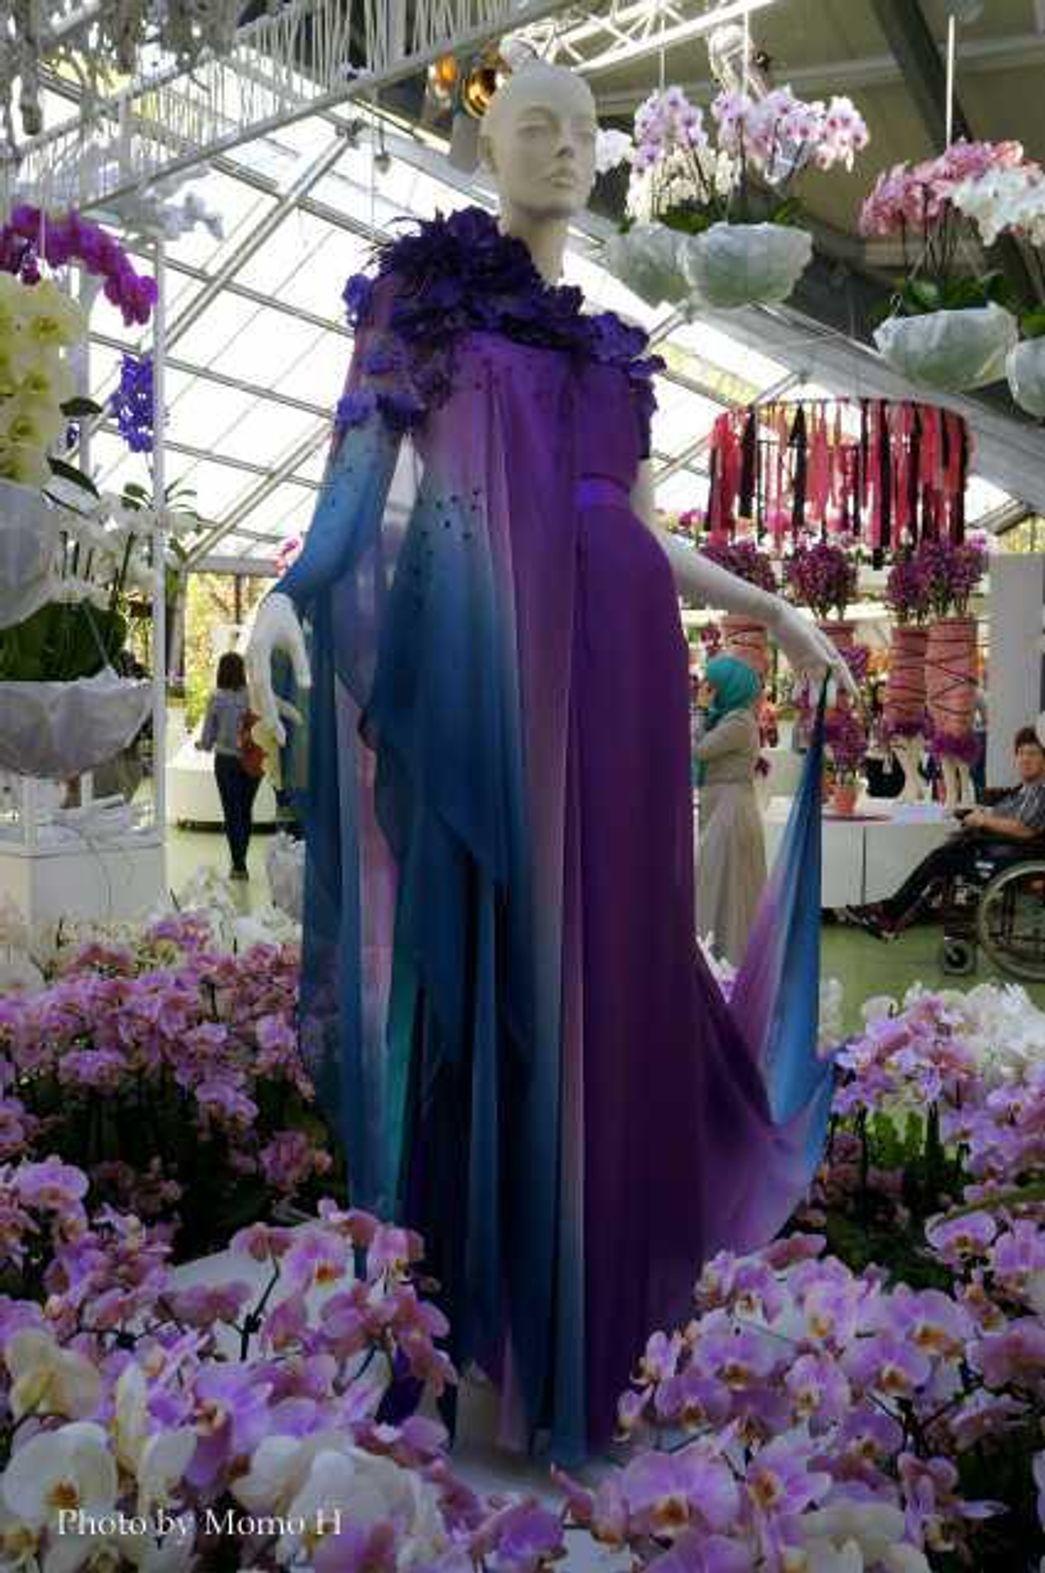 ビアトリクス(Beatrix)エリア - ドレスを花で飾った人形